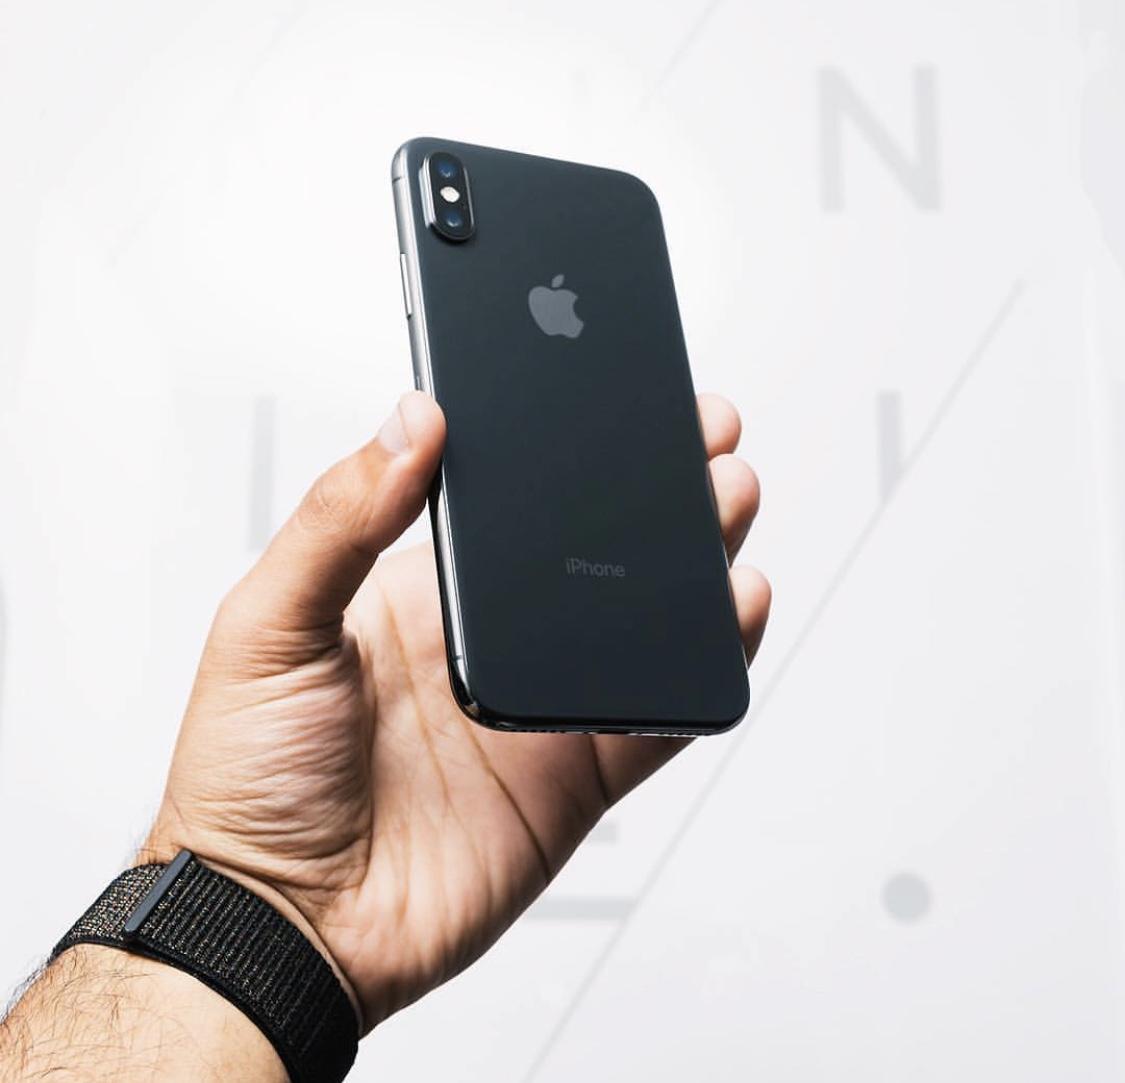 苹果发布iOS 11最新版更新:拯救iPhone X